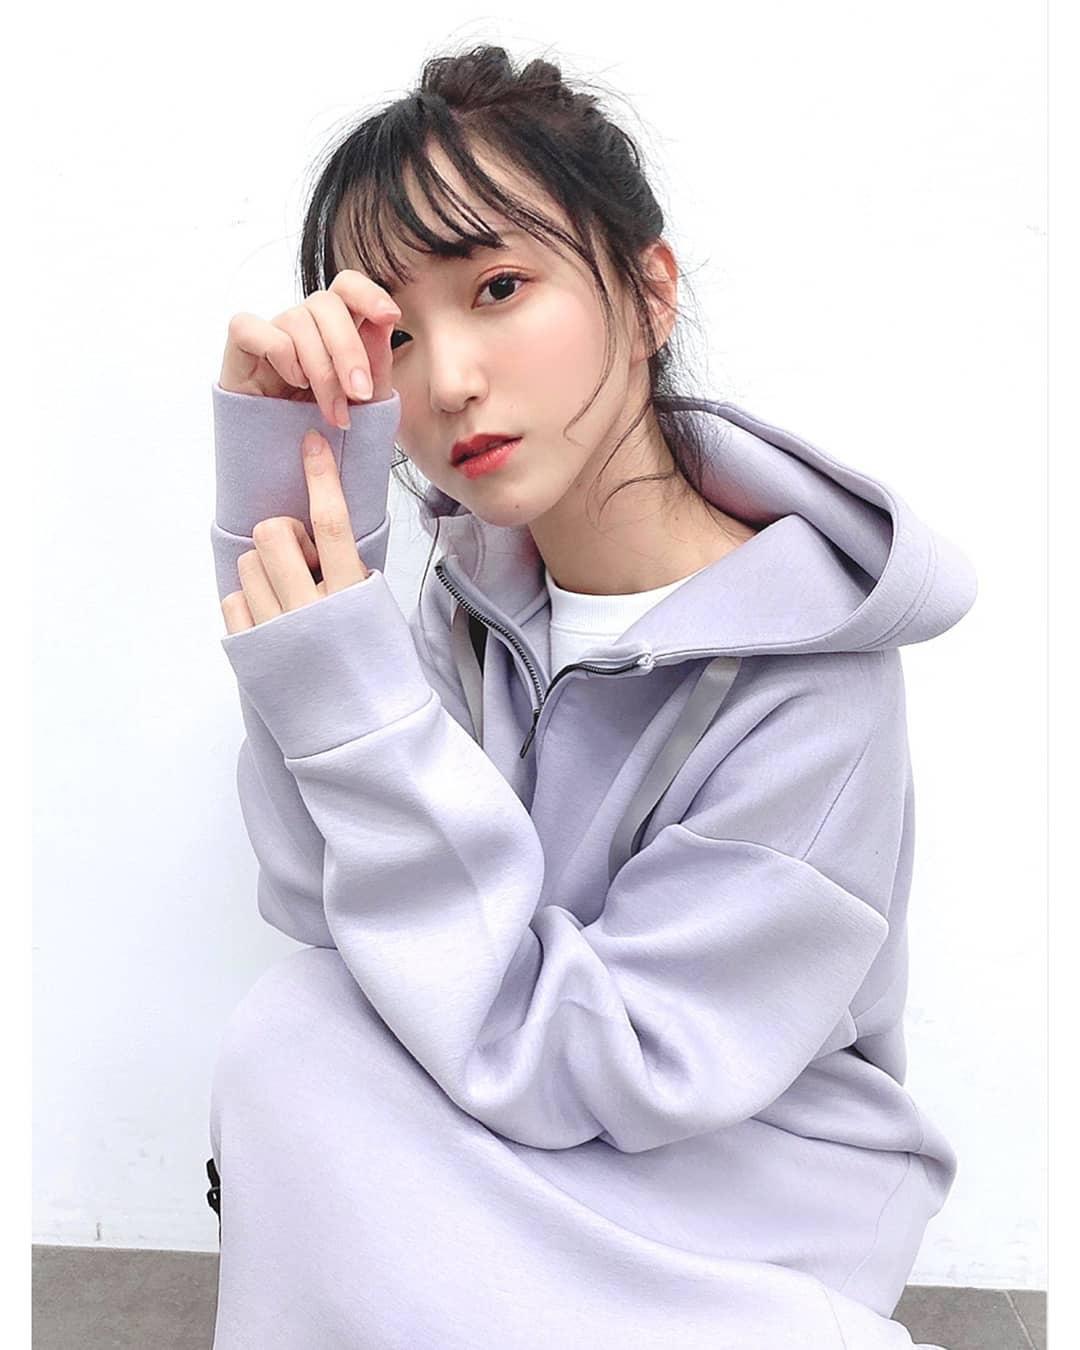 日本甜萌歌姬「野口衣织」迷人嗓音让人听了秒融化卖起萌来更是可爱到一个犯规-新图包